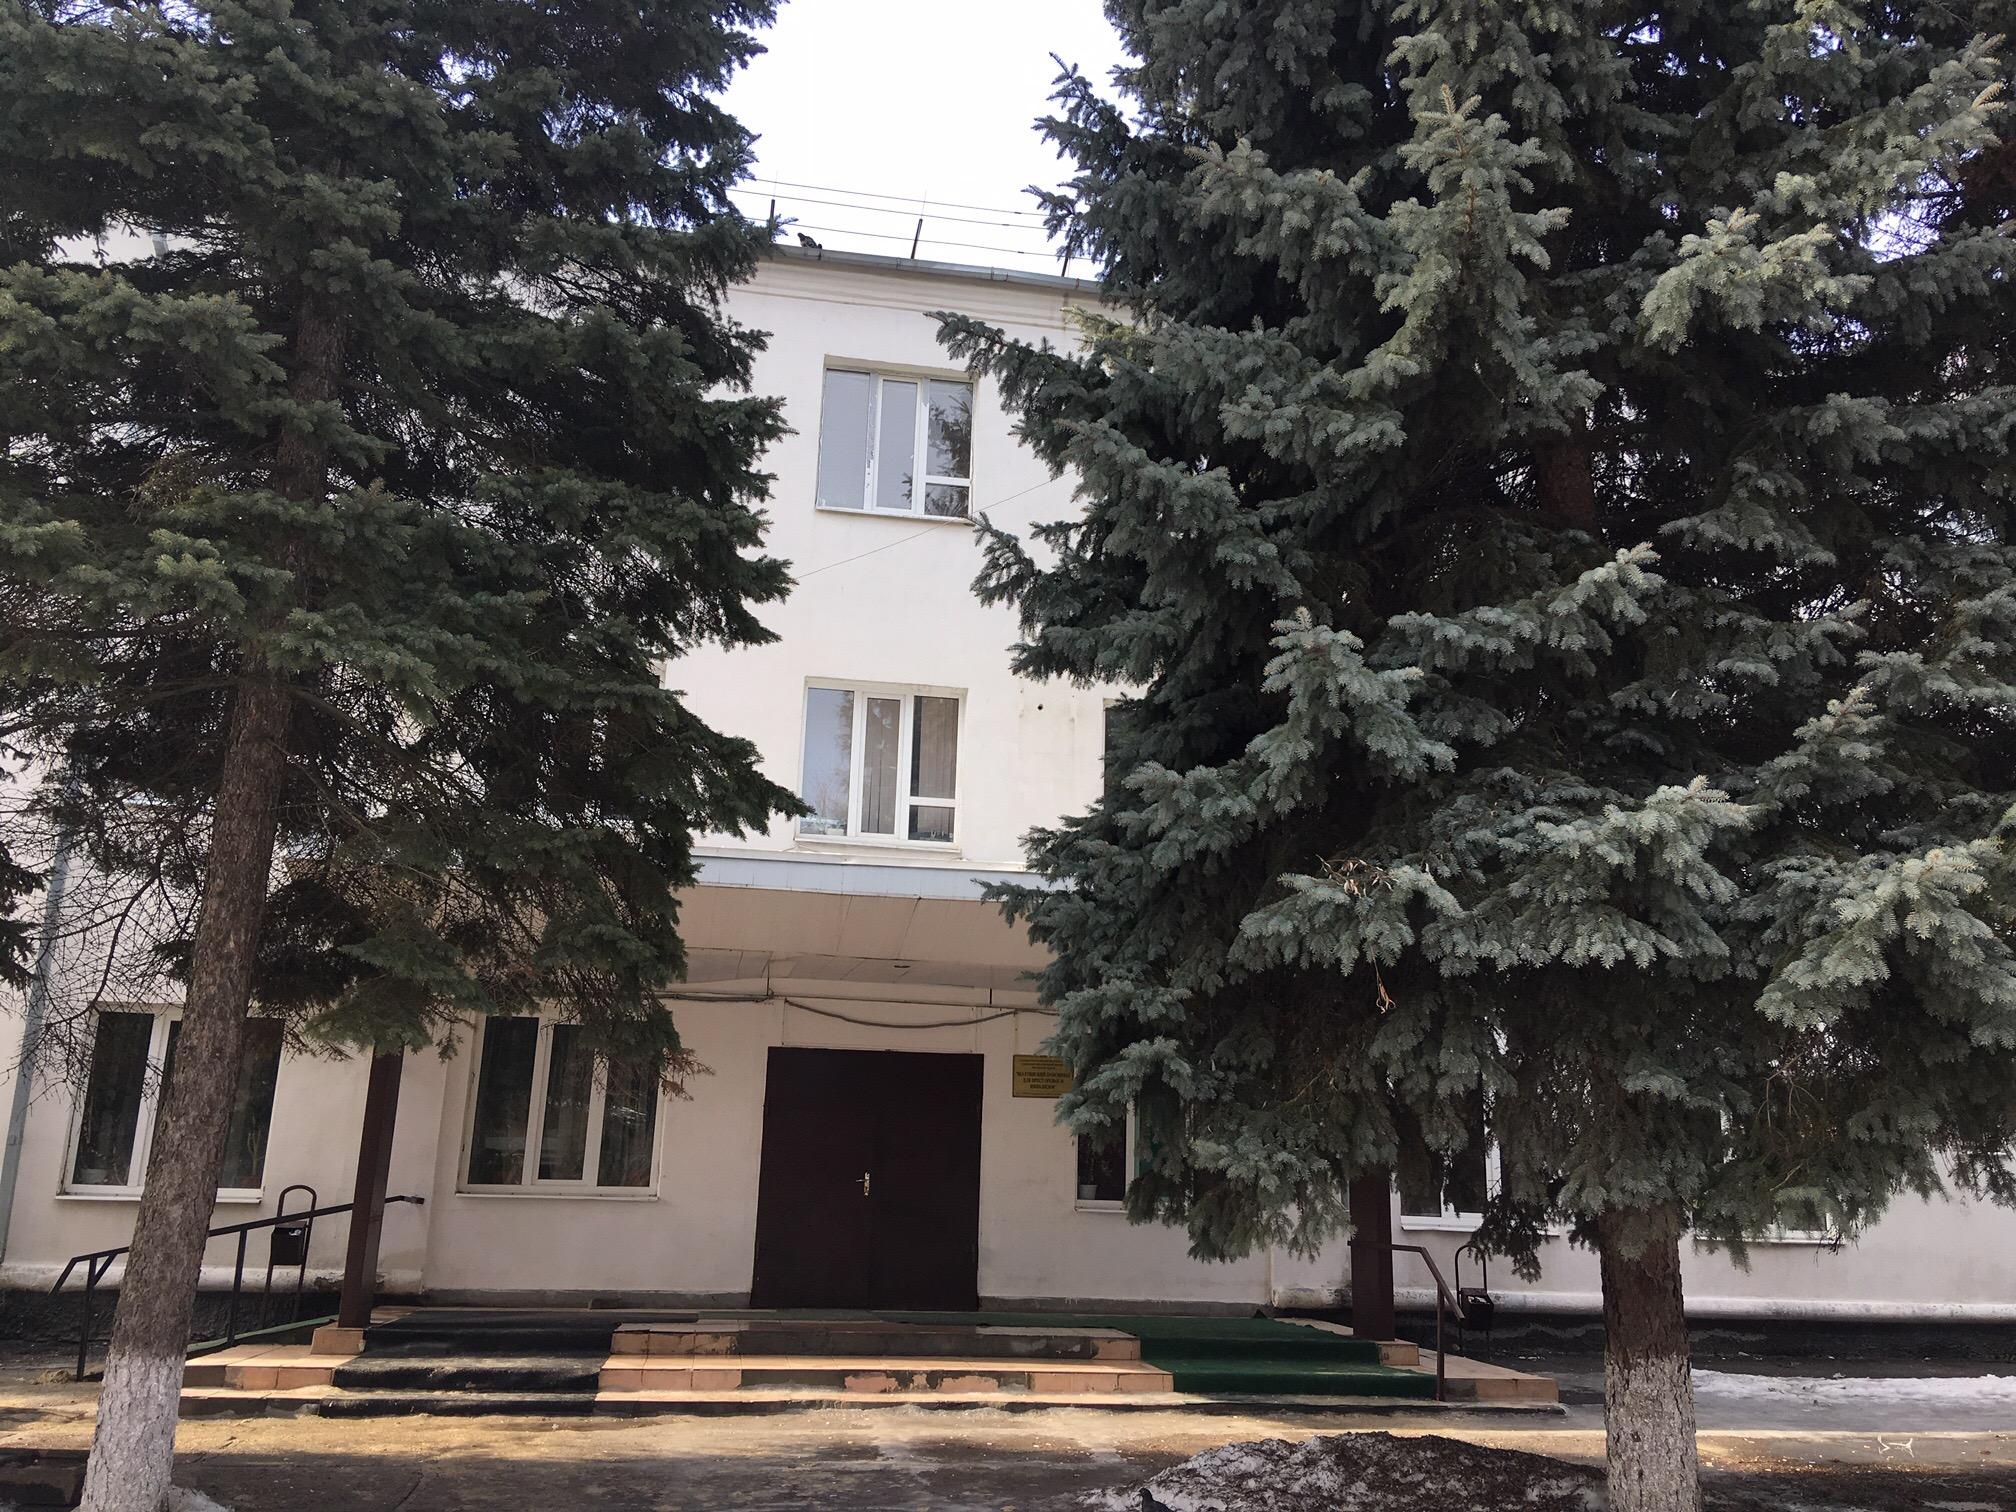 Ст ленинградская дом престарелых дом интернат для престарелых и инвалидов официальный сайт